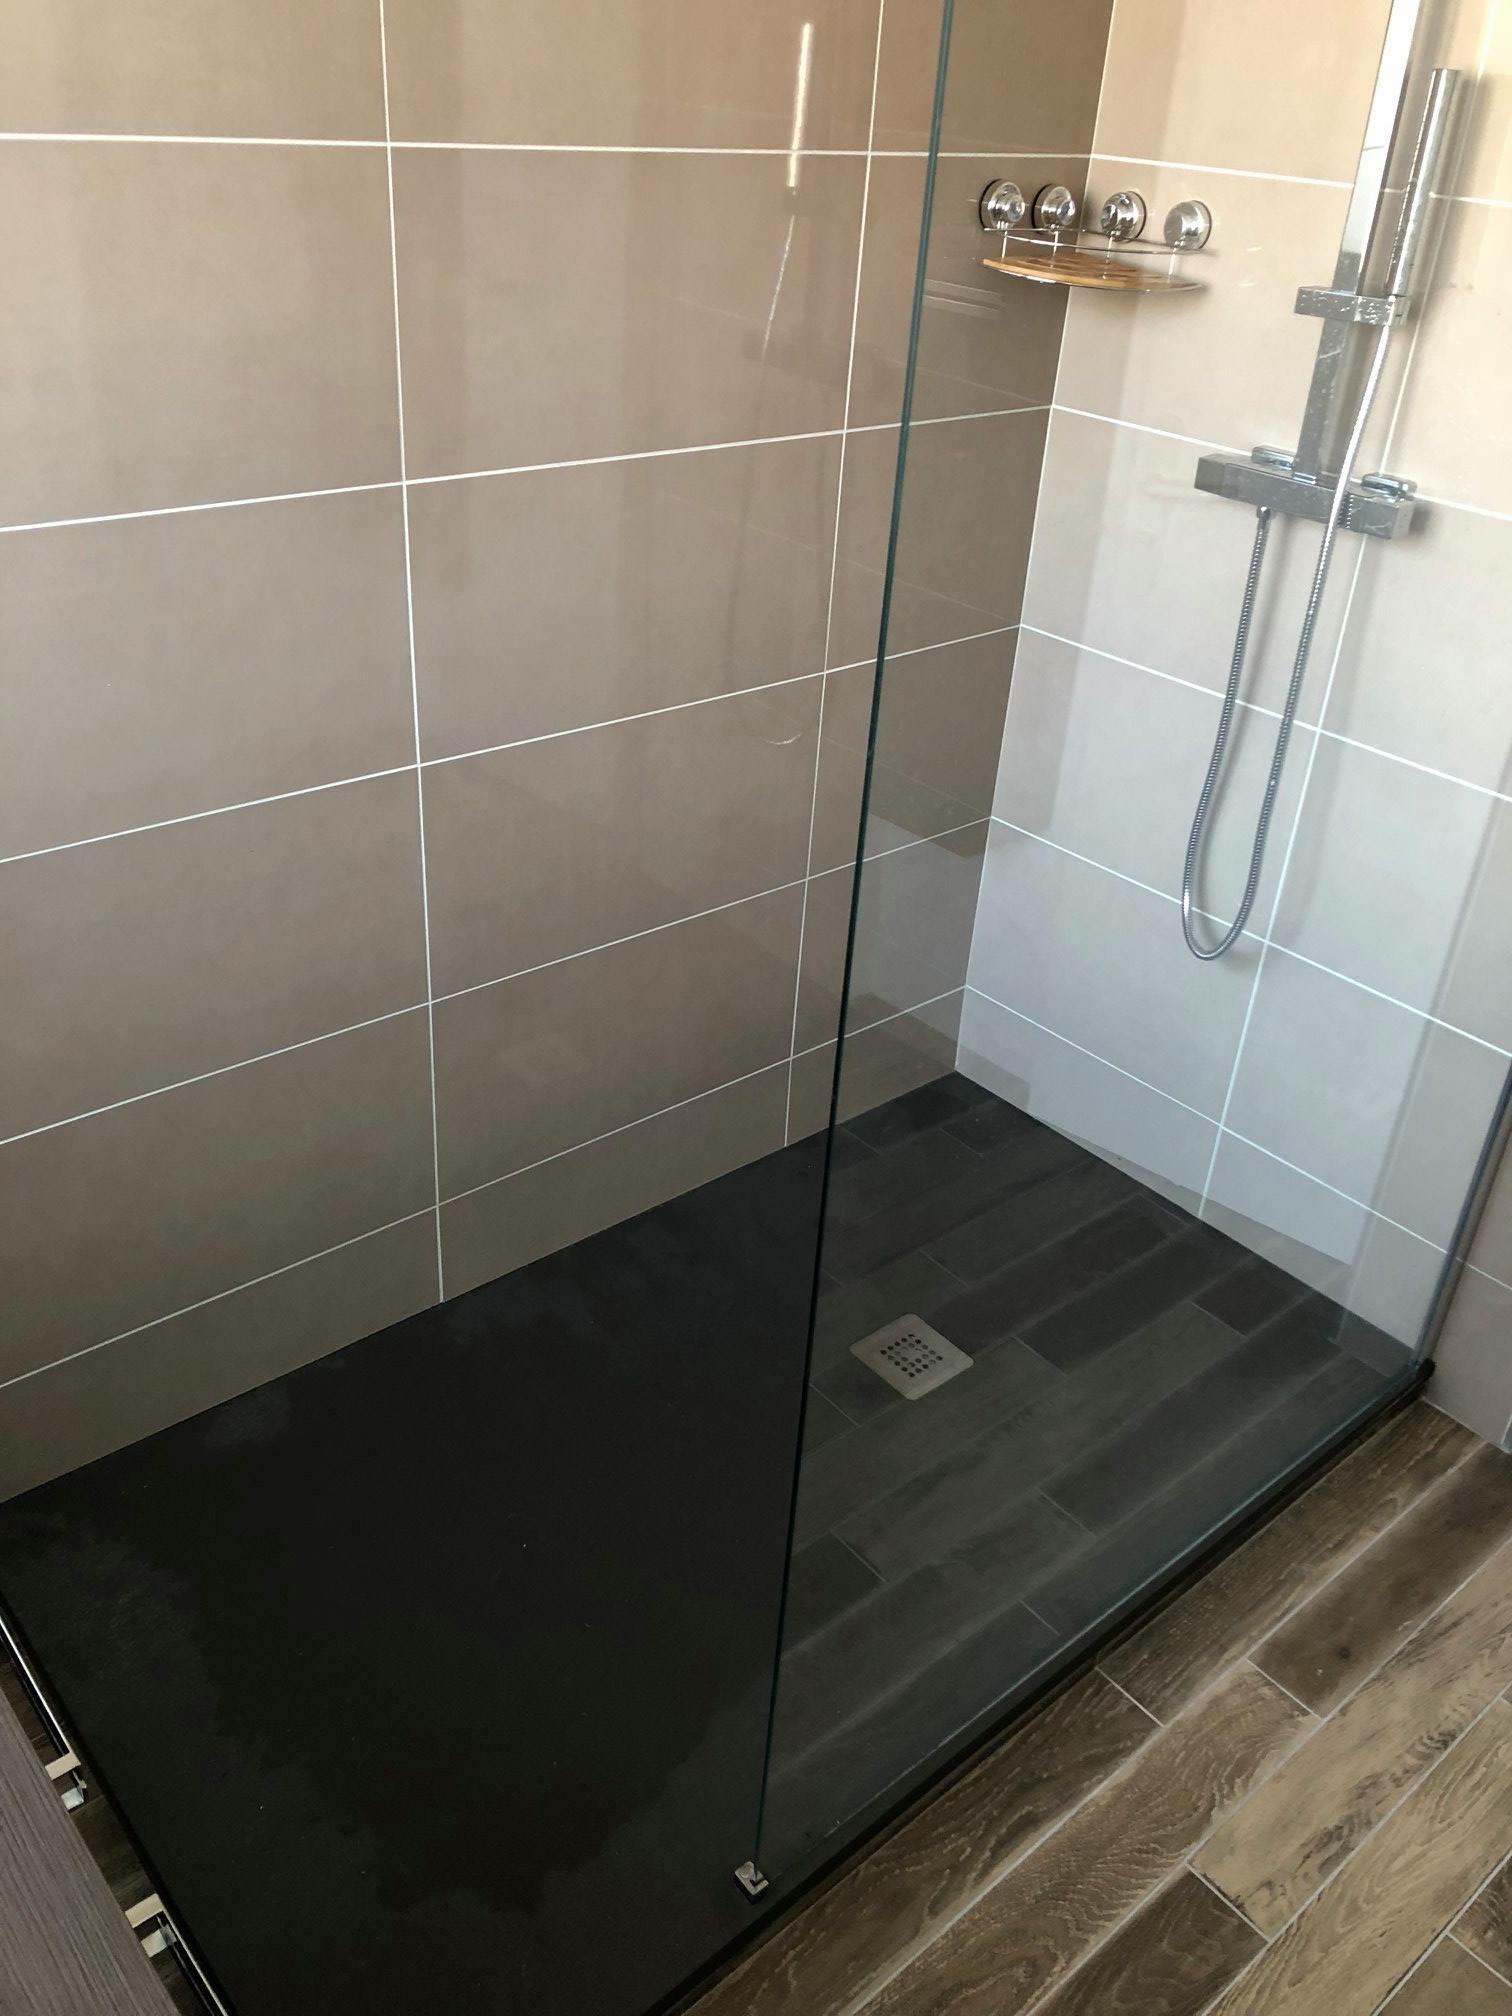 R alisation d une salle de bain lomener an oriant sols - Realisation salle de bain ...